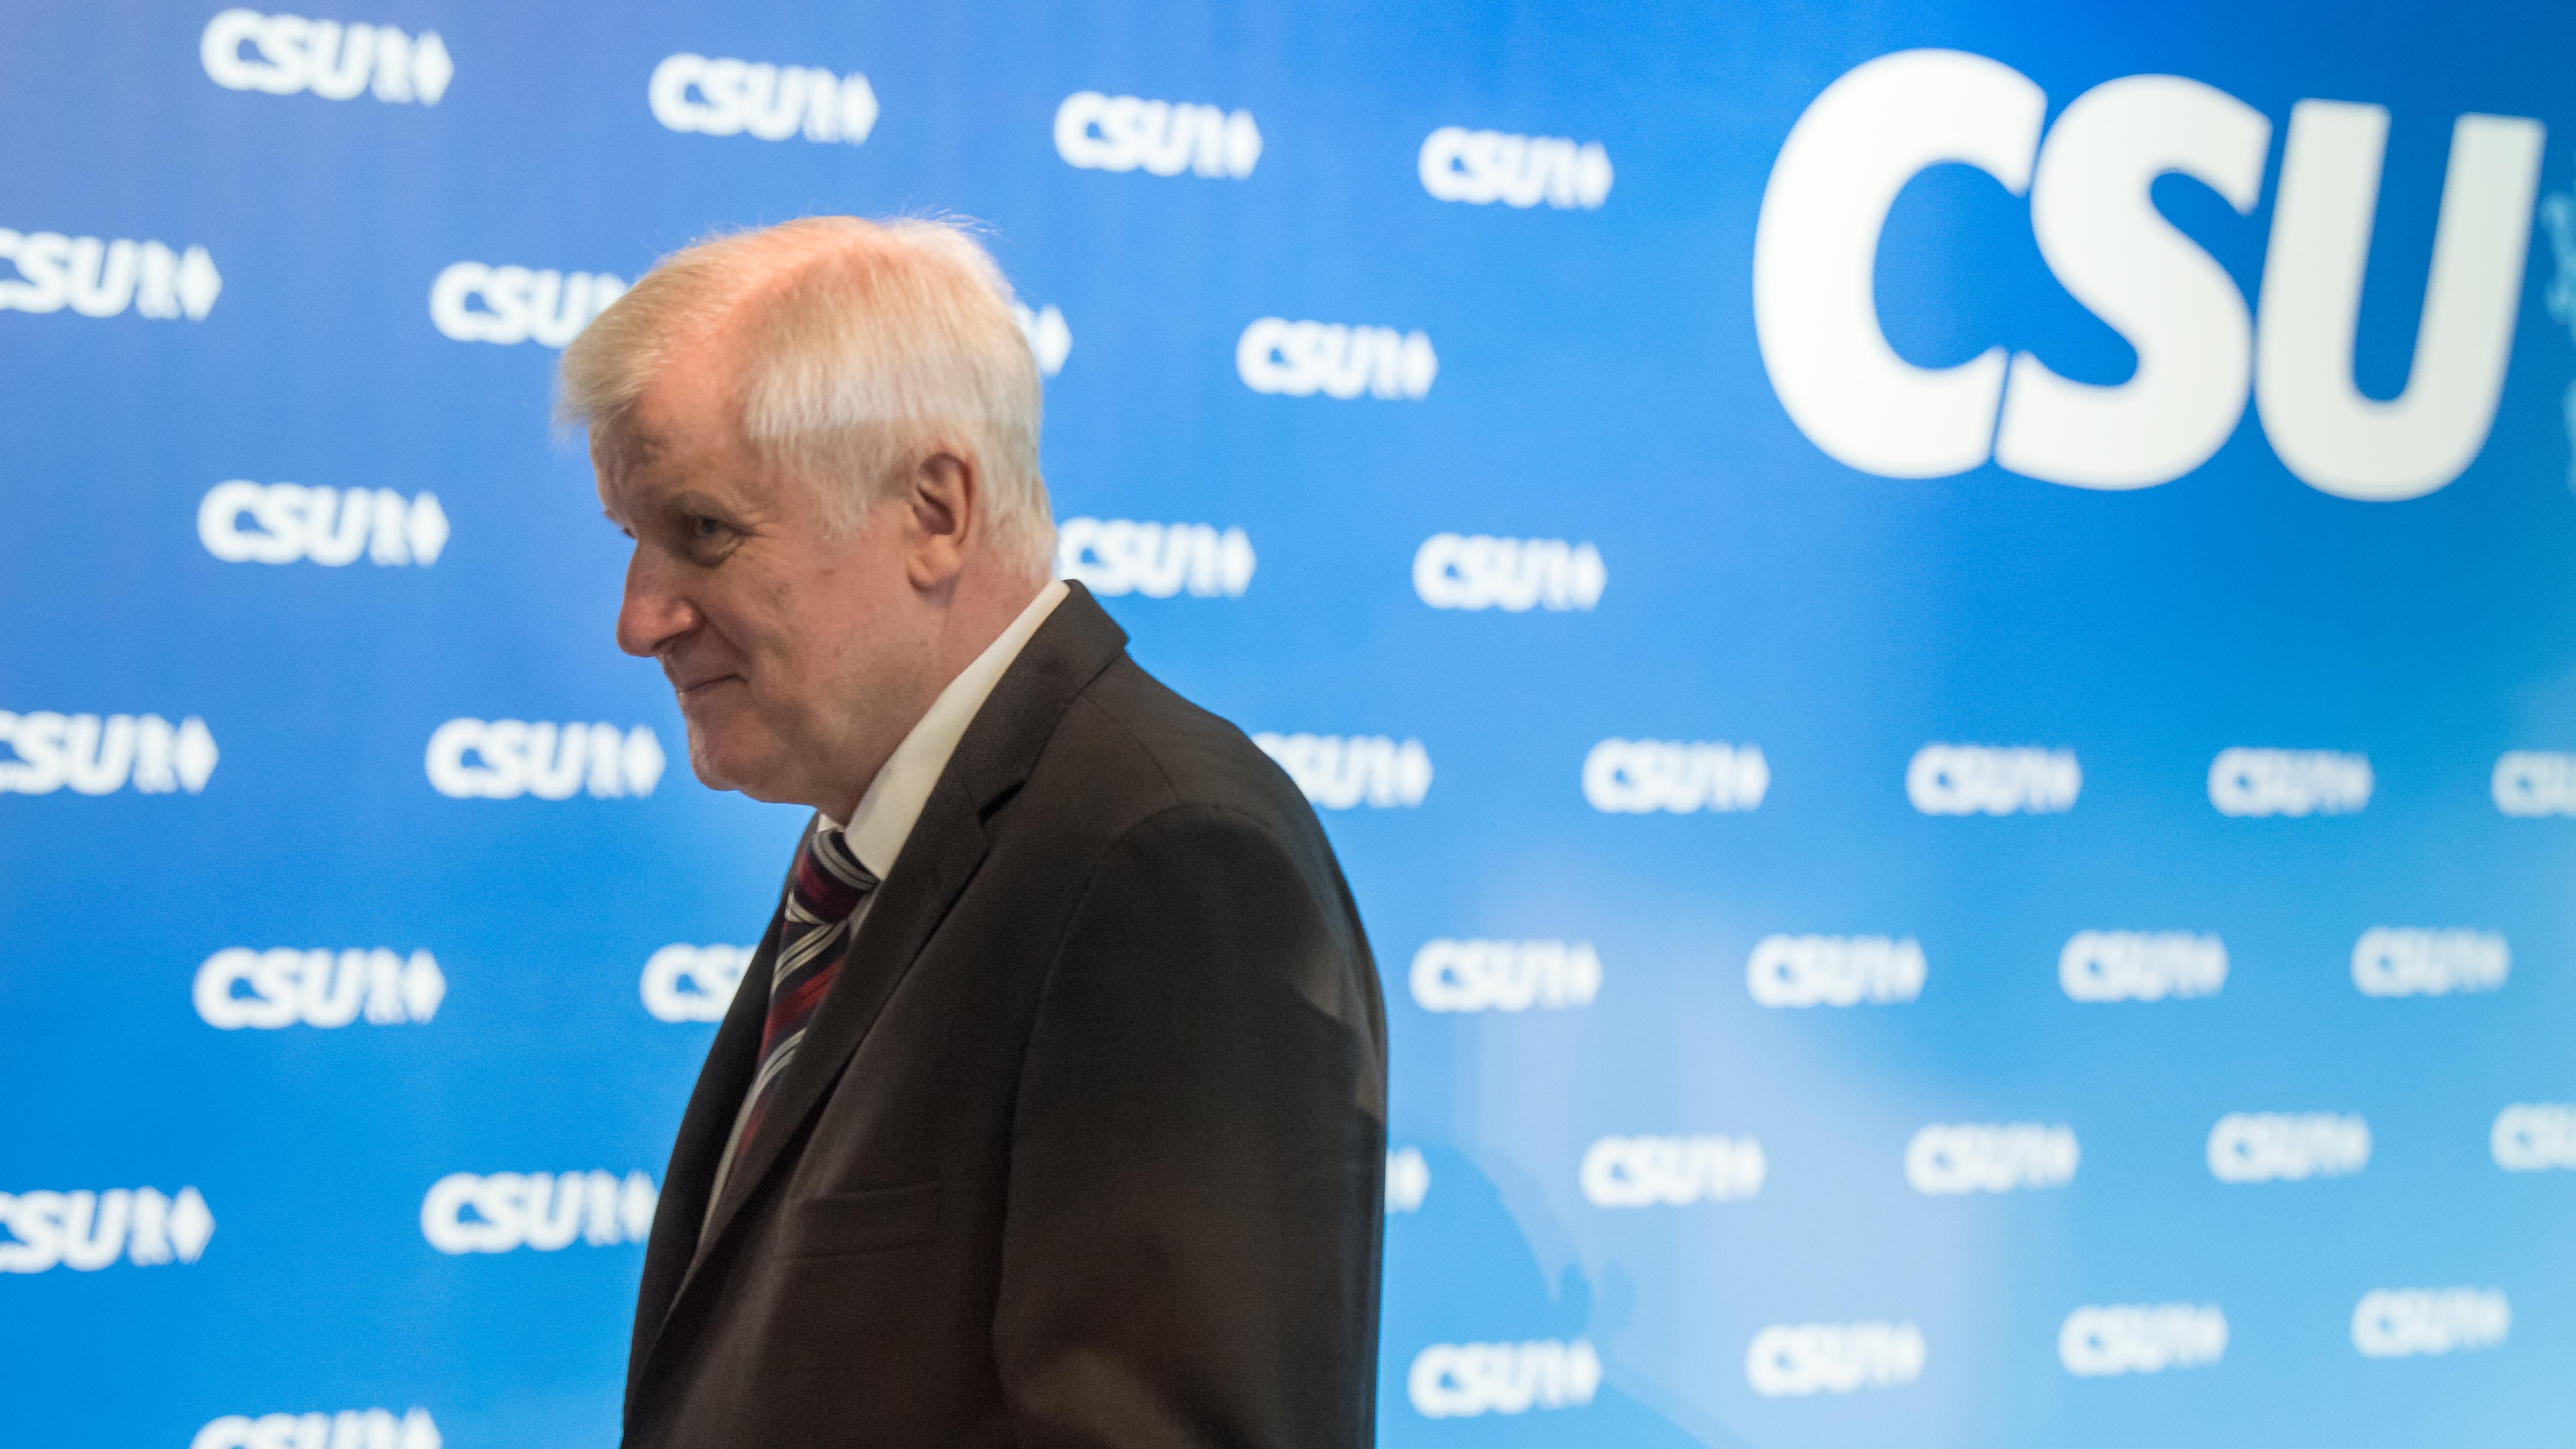 Nach mehr als zehn Jahren als CSU-Chef macht Horst Seehofer den Weg frei für Markus Söder - und verzichtet auf eine Abrechnung mit Kritikern.